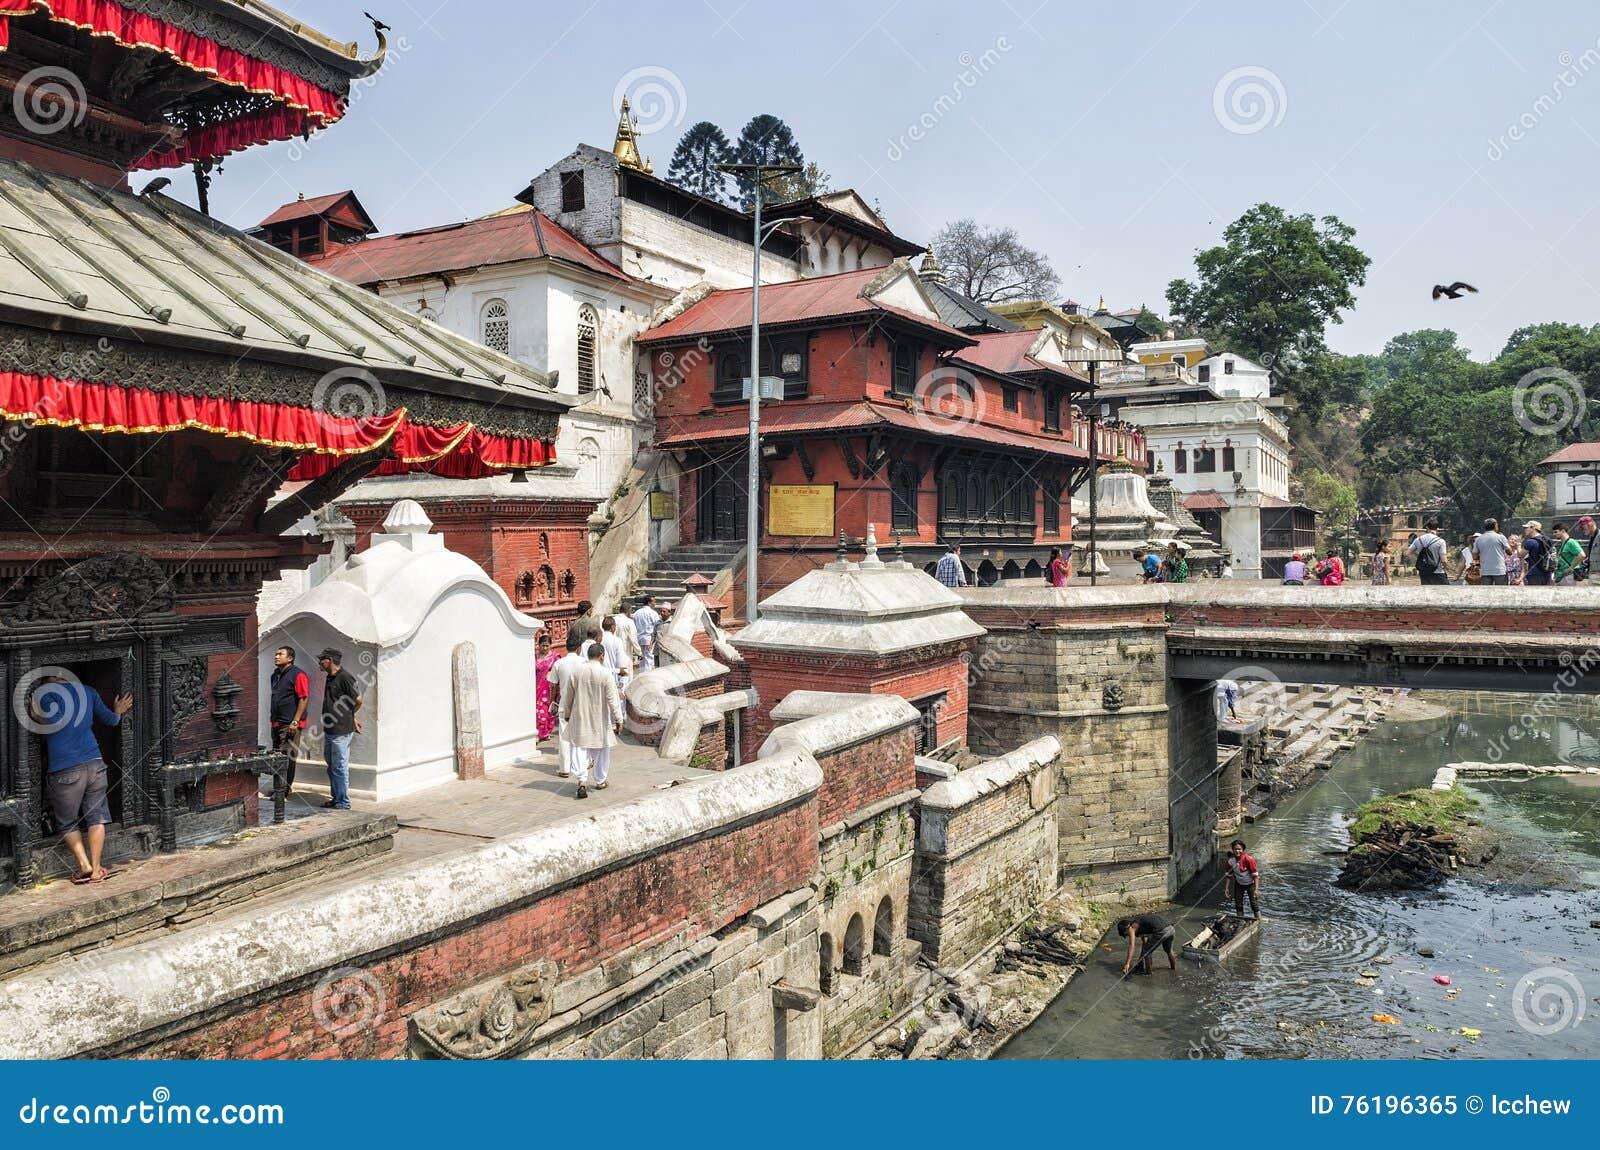 Life and activites along the holy Bagmati River at Pashupatinath Temple, Kathmandu, Nepal.